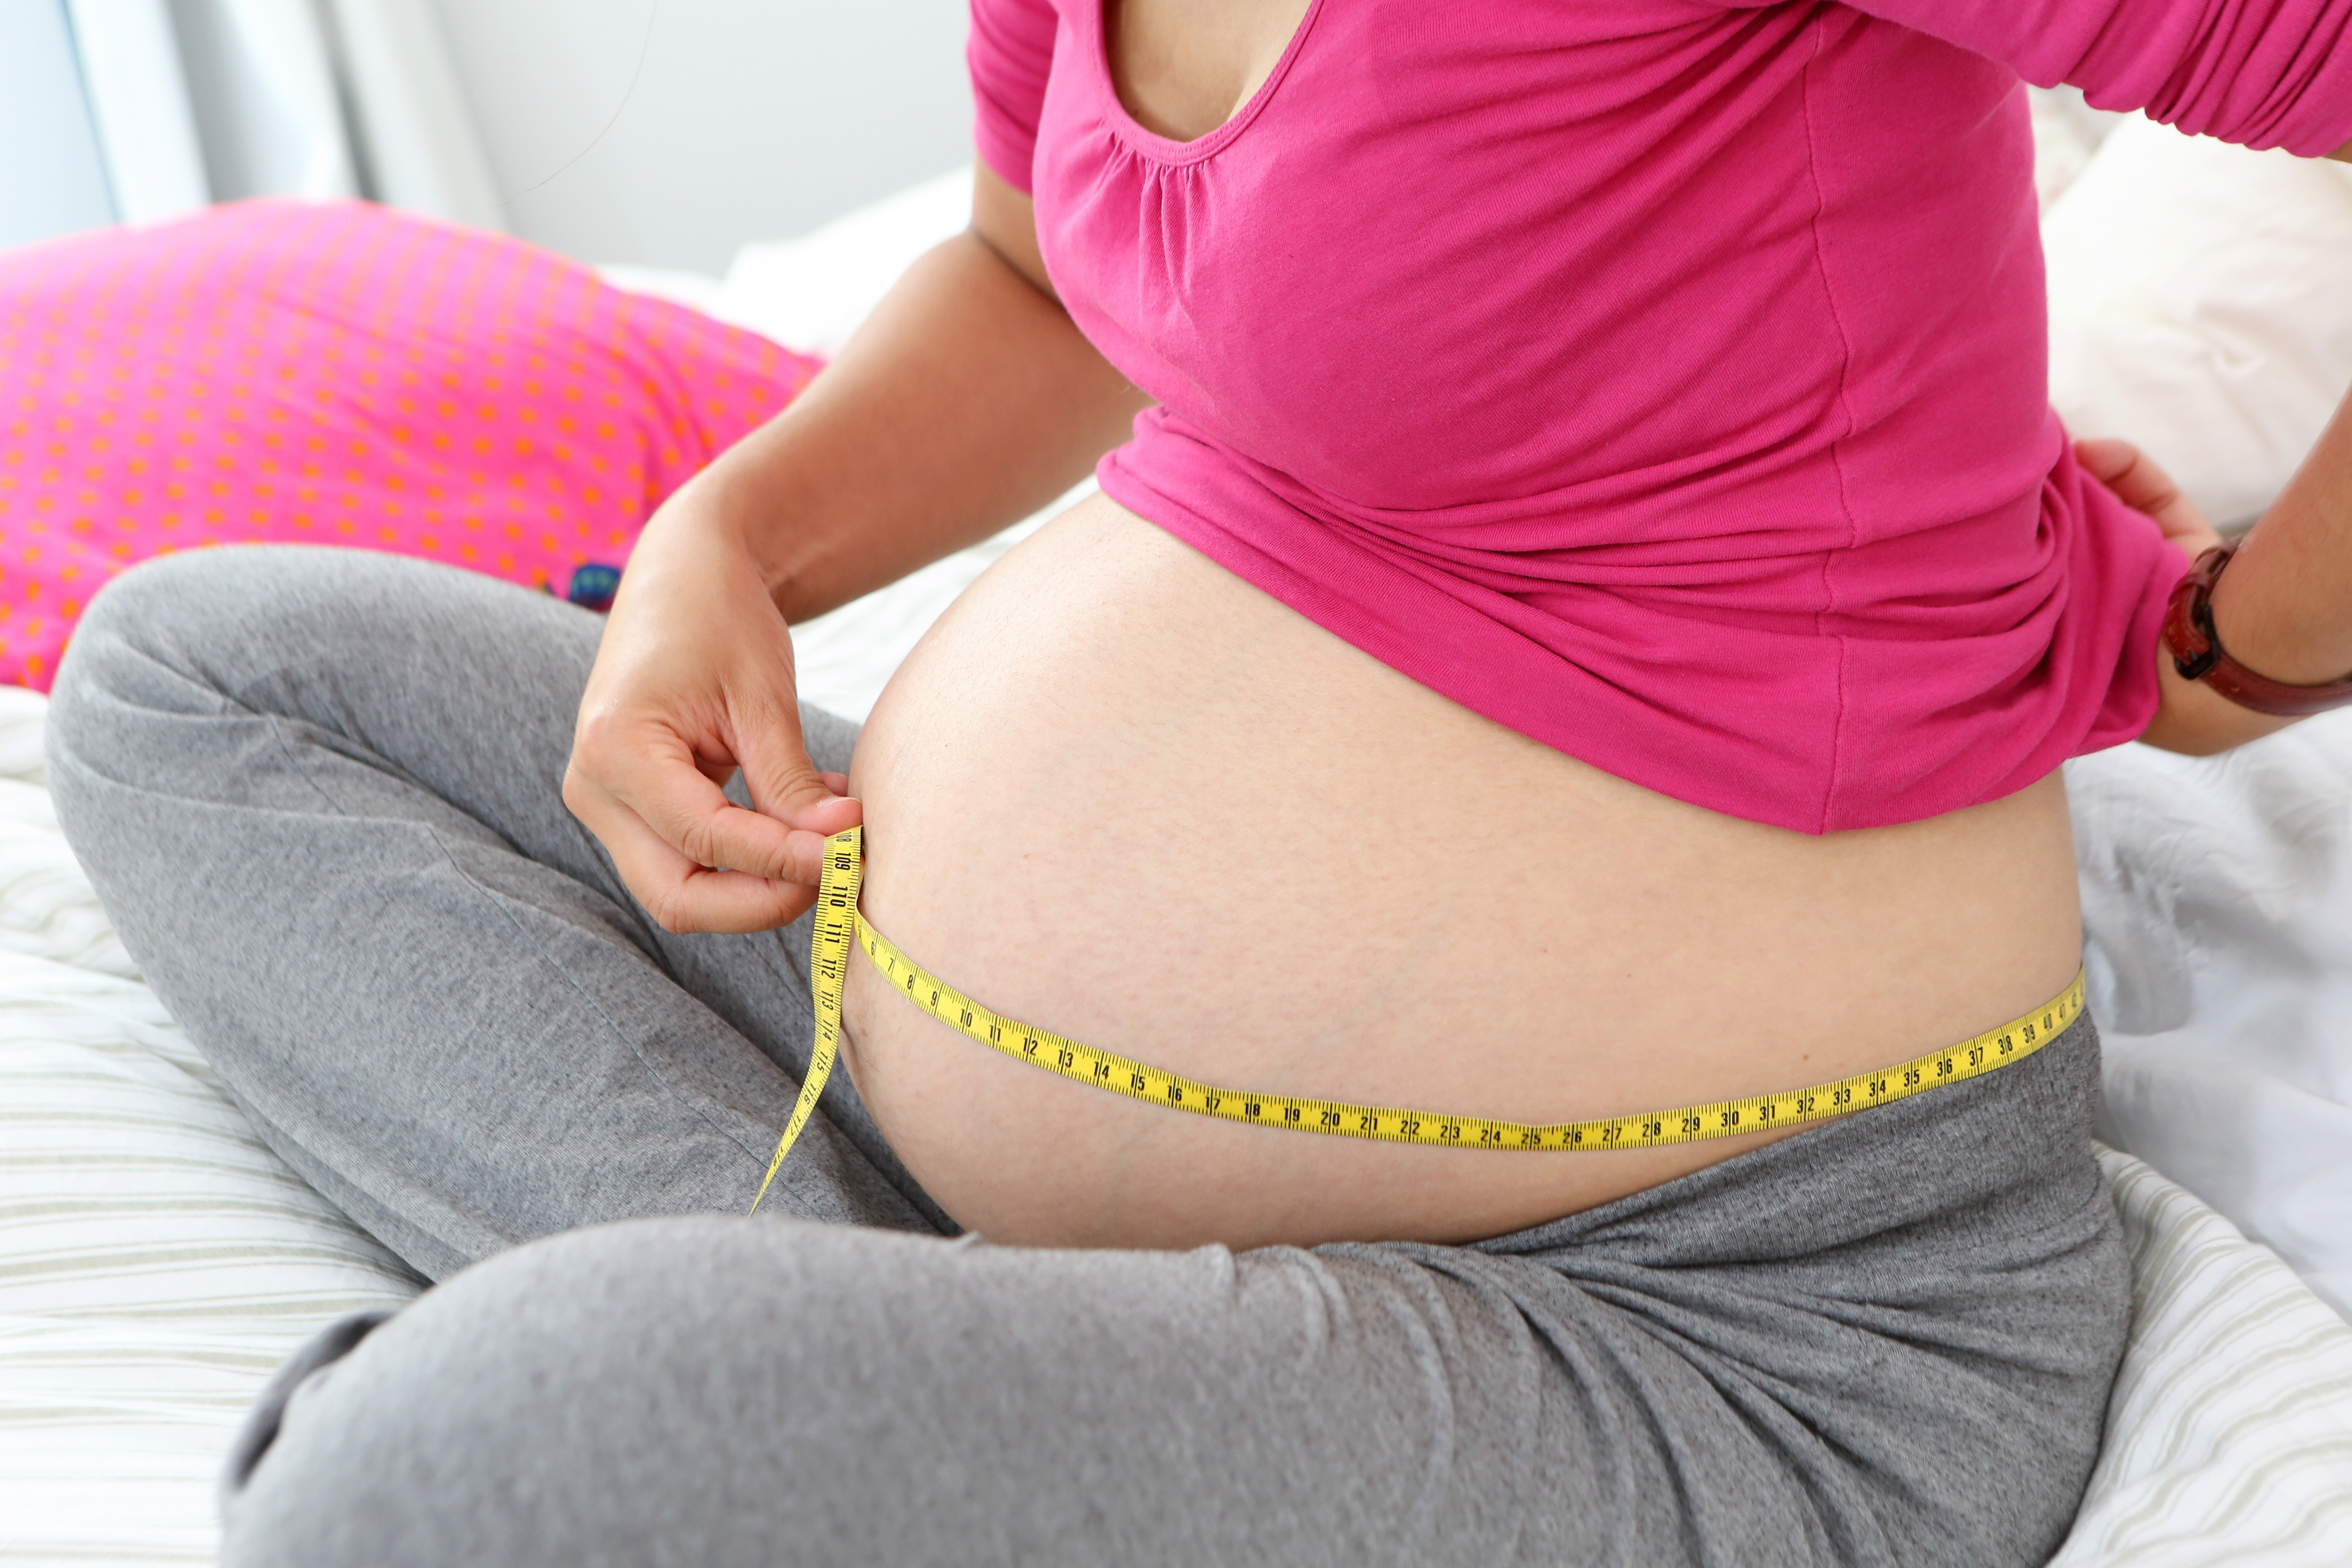 hogyan lehet elveszíteni a hasi kövér nők egészségét többszörösen telítetlen zsír a fogyáshoz